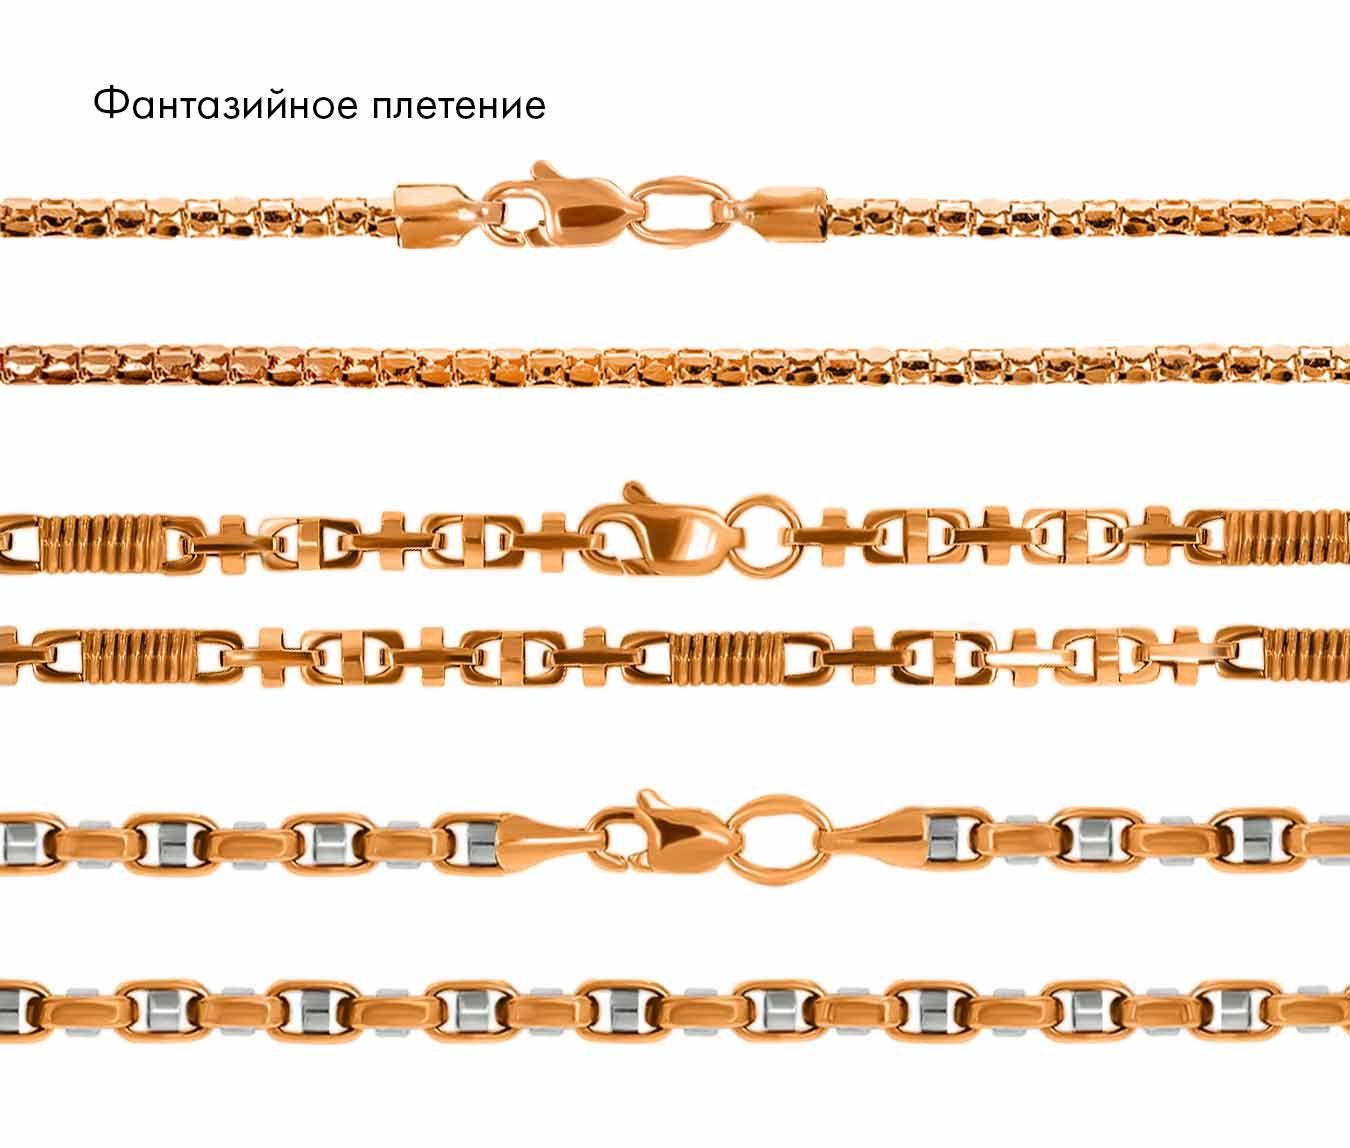 цепочка золотая, плетения фантазийные